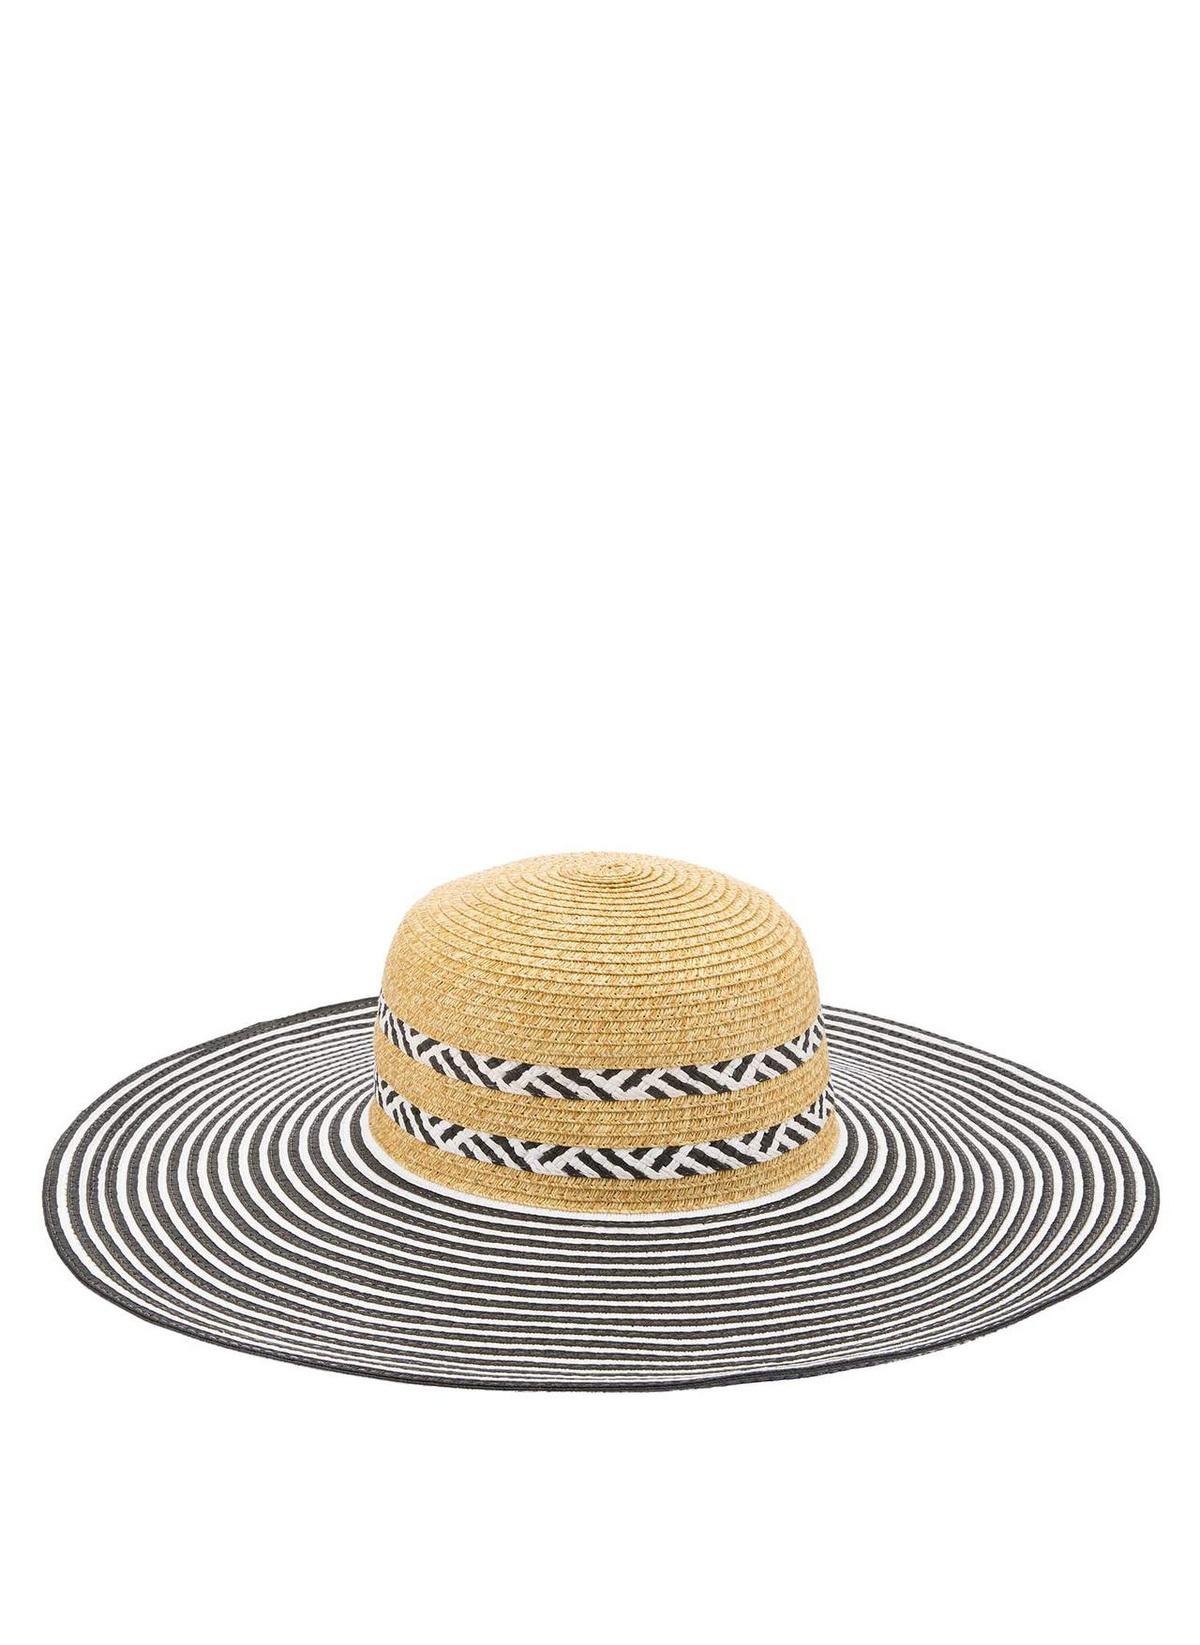 Defacto Şapka G8087az17hskr1 Hasır Şapka – 25.99 TL